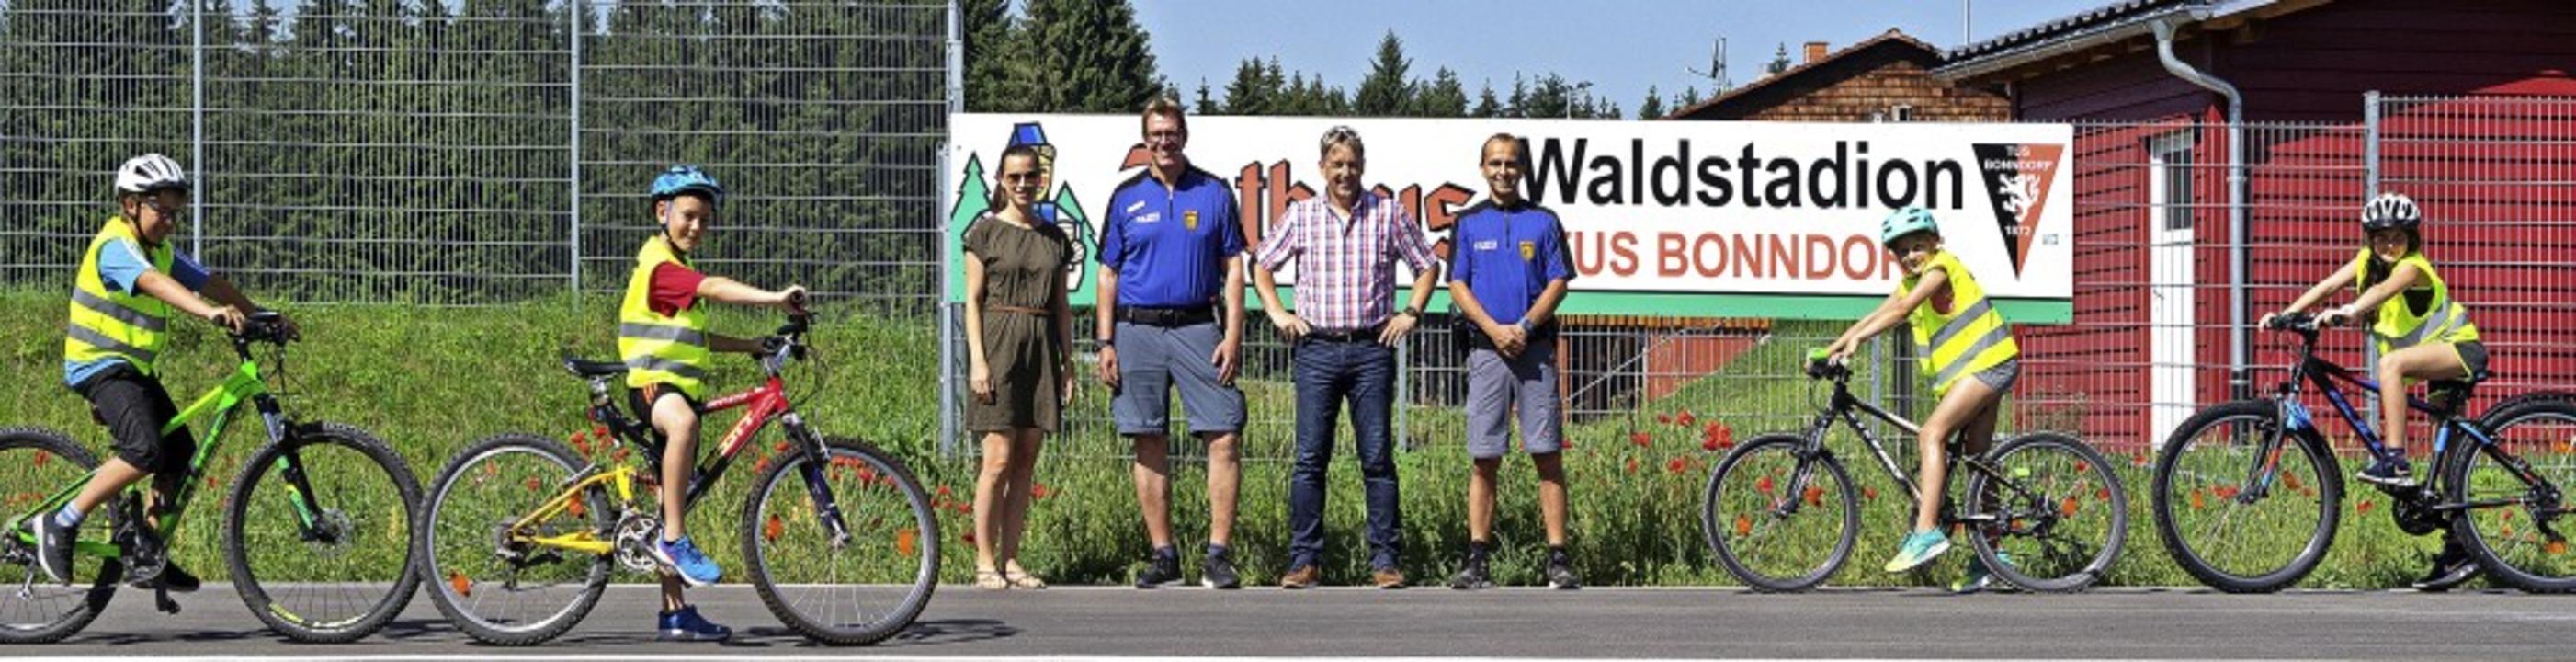 Vera Walter (Klassenlehrerin 4a), Ingo... Bonndorf erstmals in Beschlag nahmen.  | Foto: Wolfgang Scheu